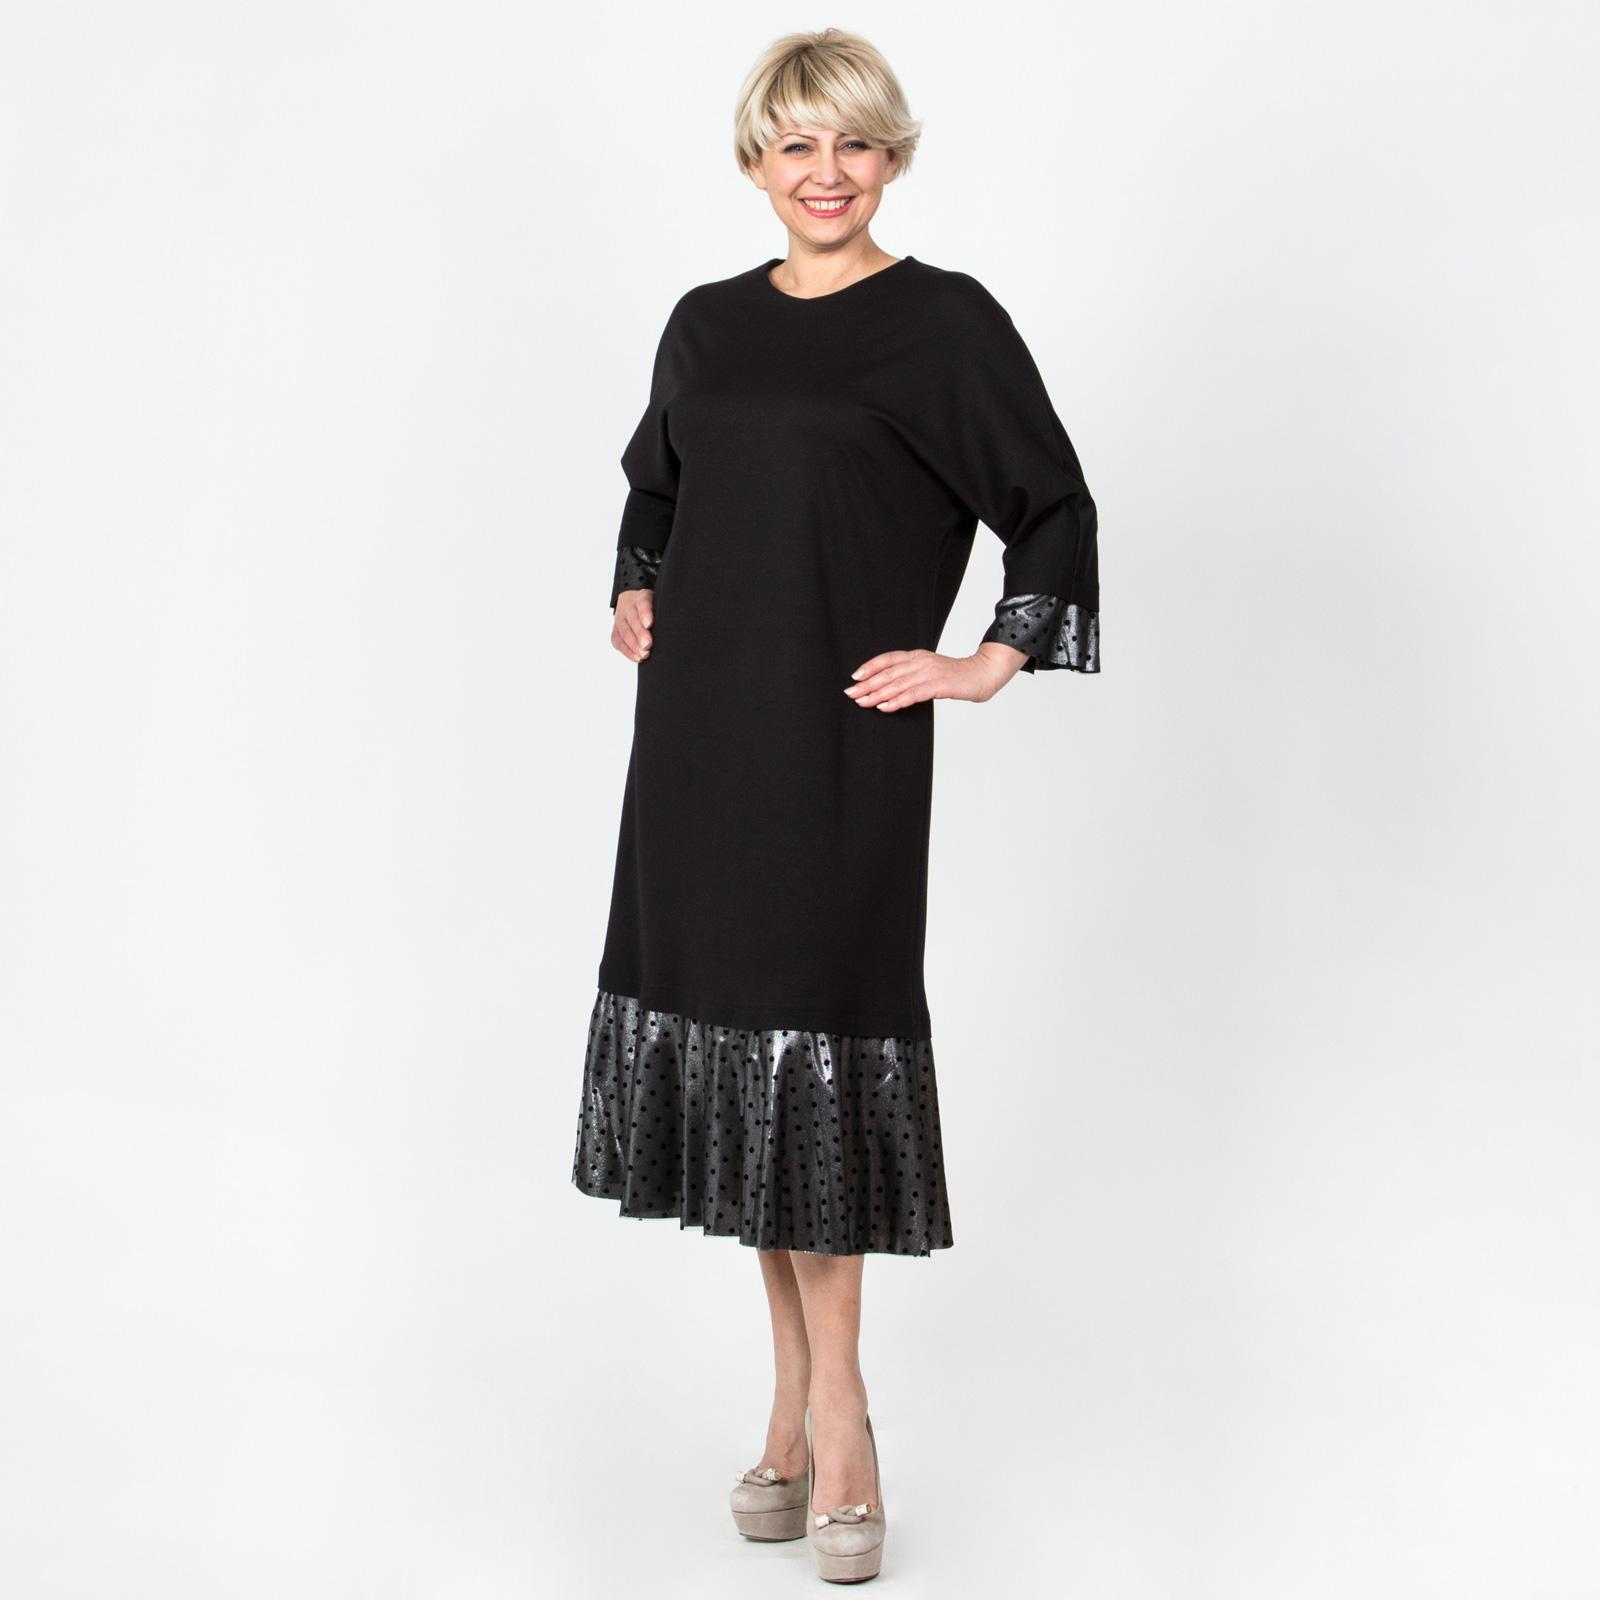 Нарядное платье с рюшами виброплатформы для похудения в алматы в интернет магазине